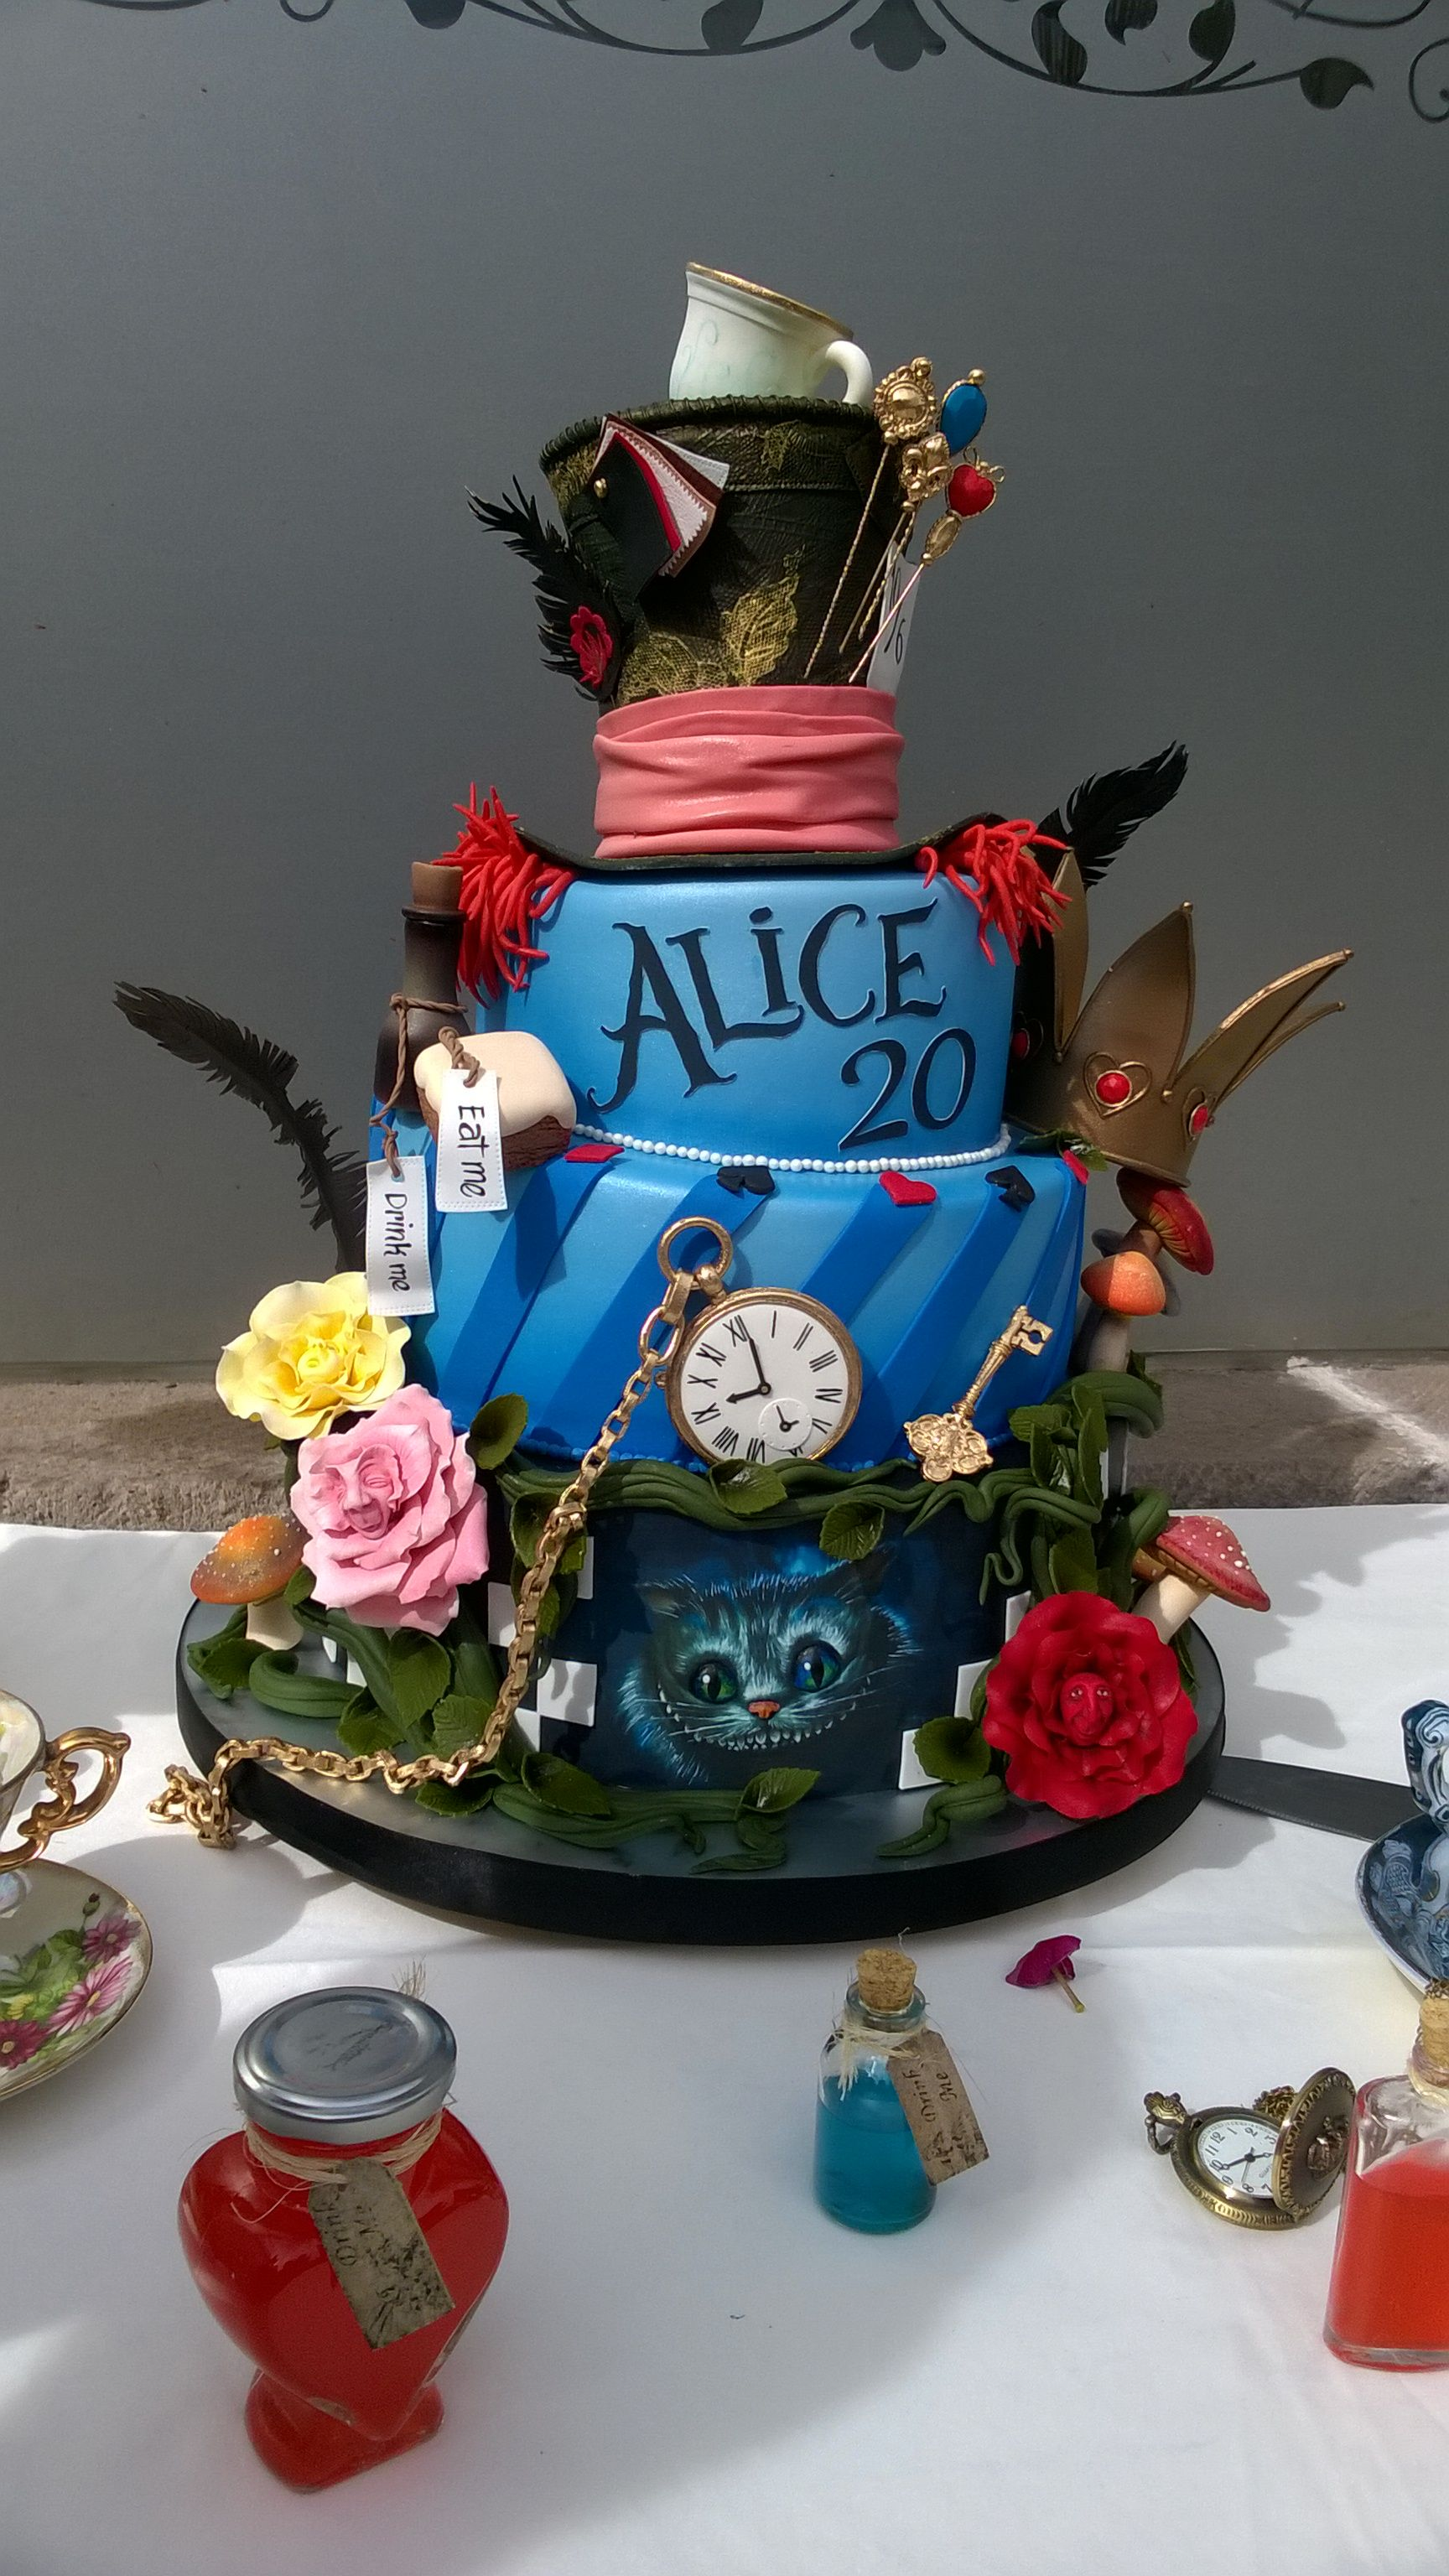 Diseño Dolci México Alice In Wonderland Cakes Alice In Wonderland Tea Party Birthday Disney Cakes